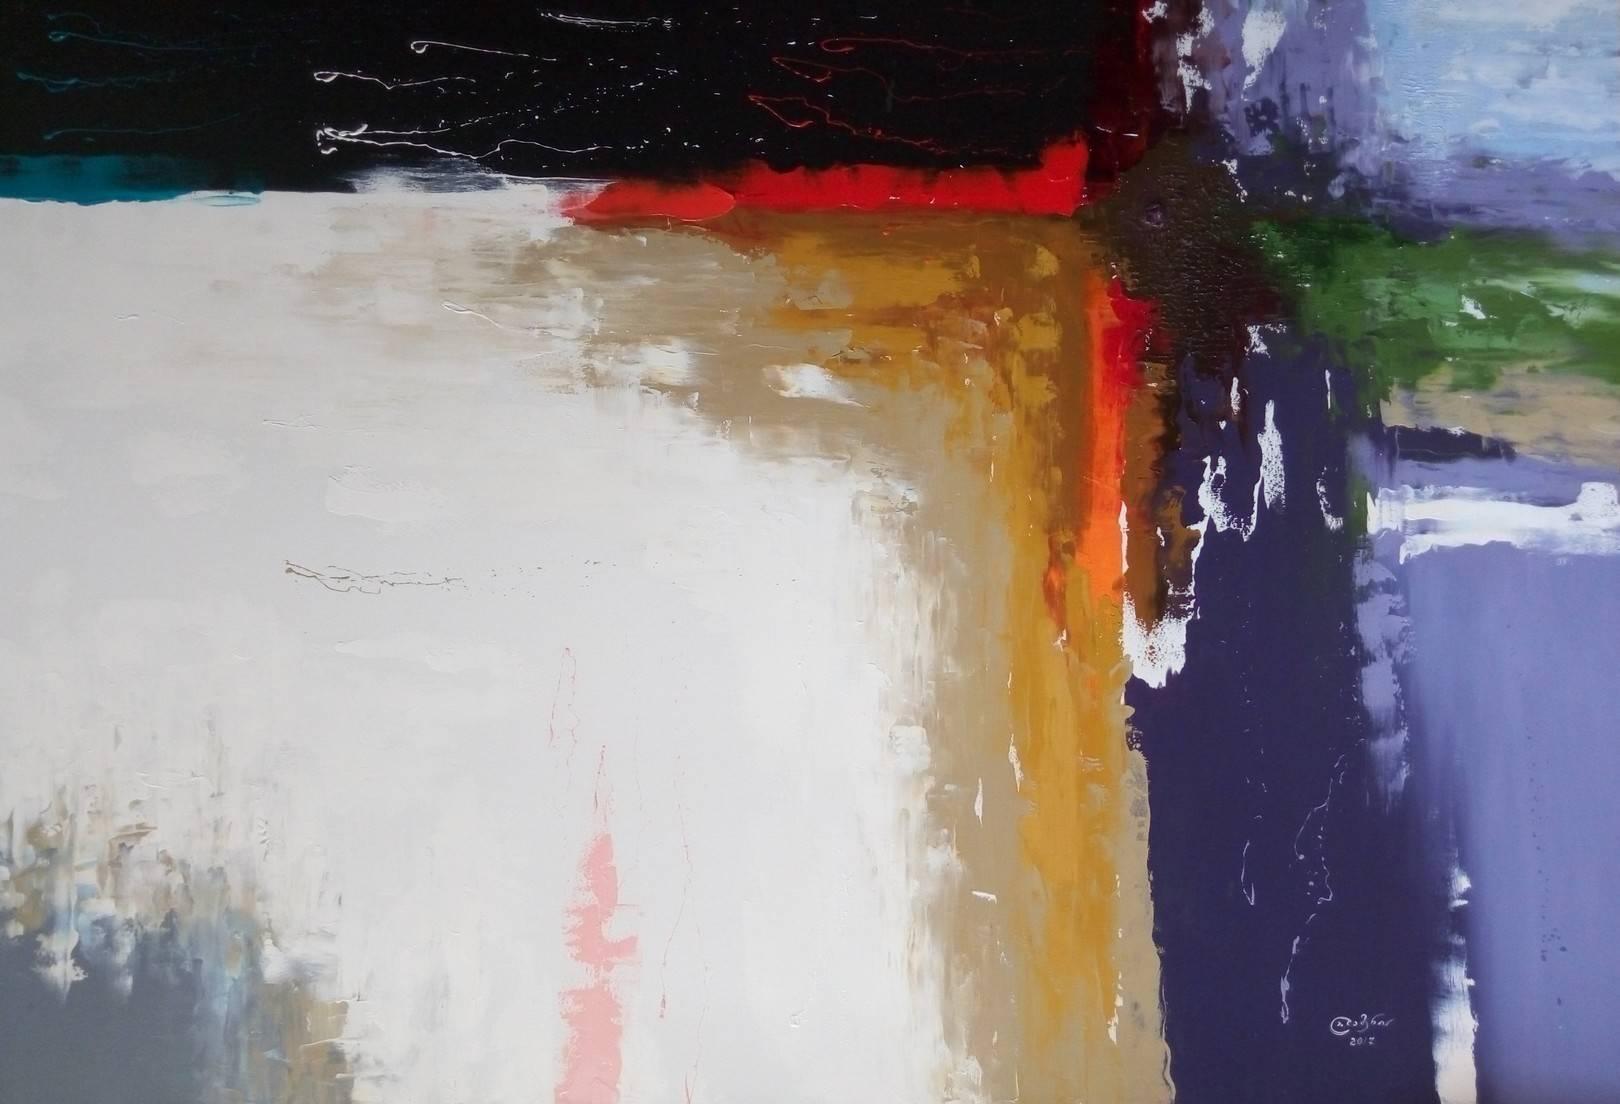 «За гранью»                 холст, масло «Beyond»                       oil on canvas                                                 120x180,  2017